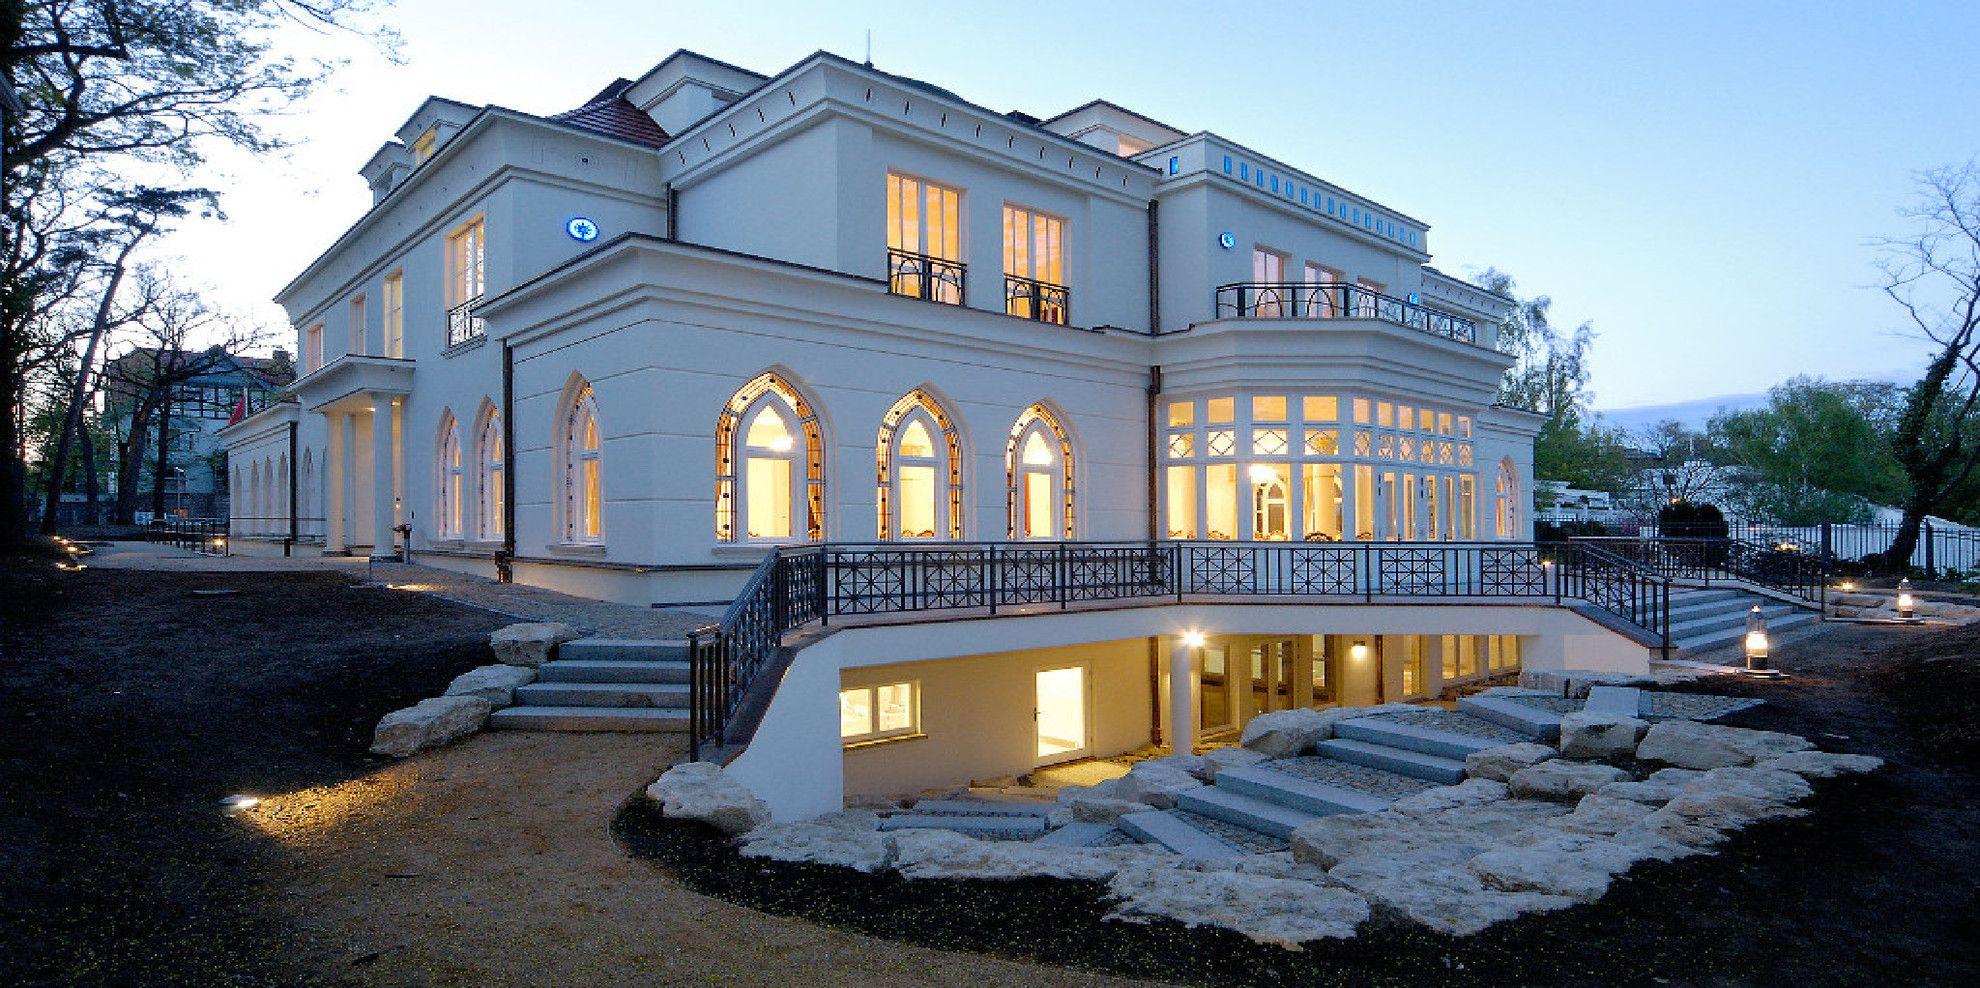 Fmg gres porcellanato per interni ed esterni for Casa classica porcelain tile